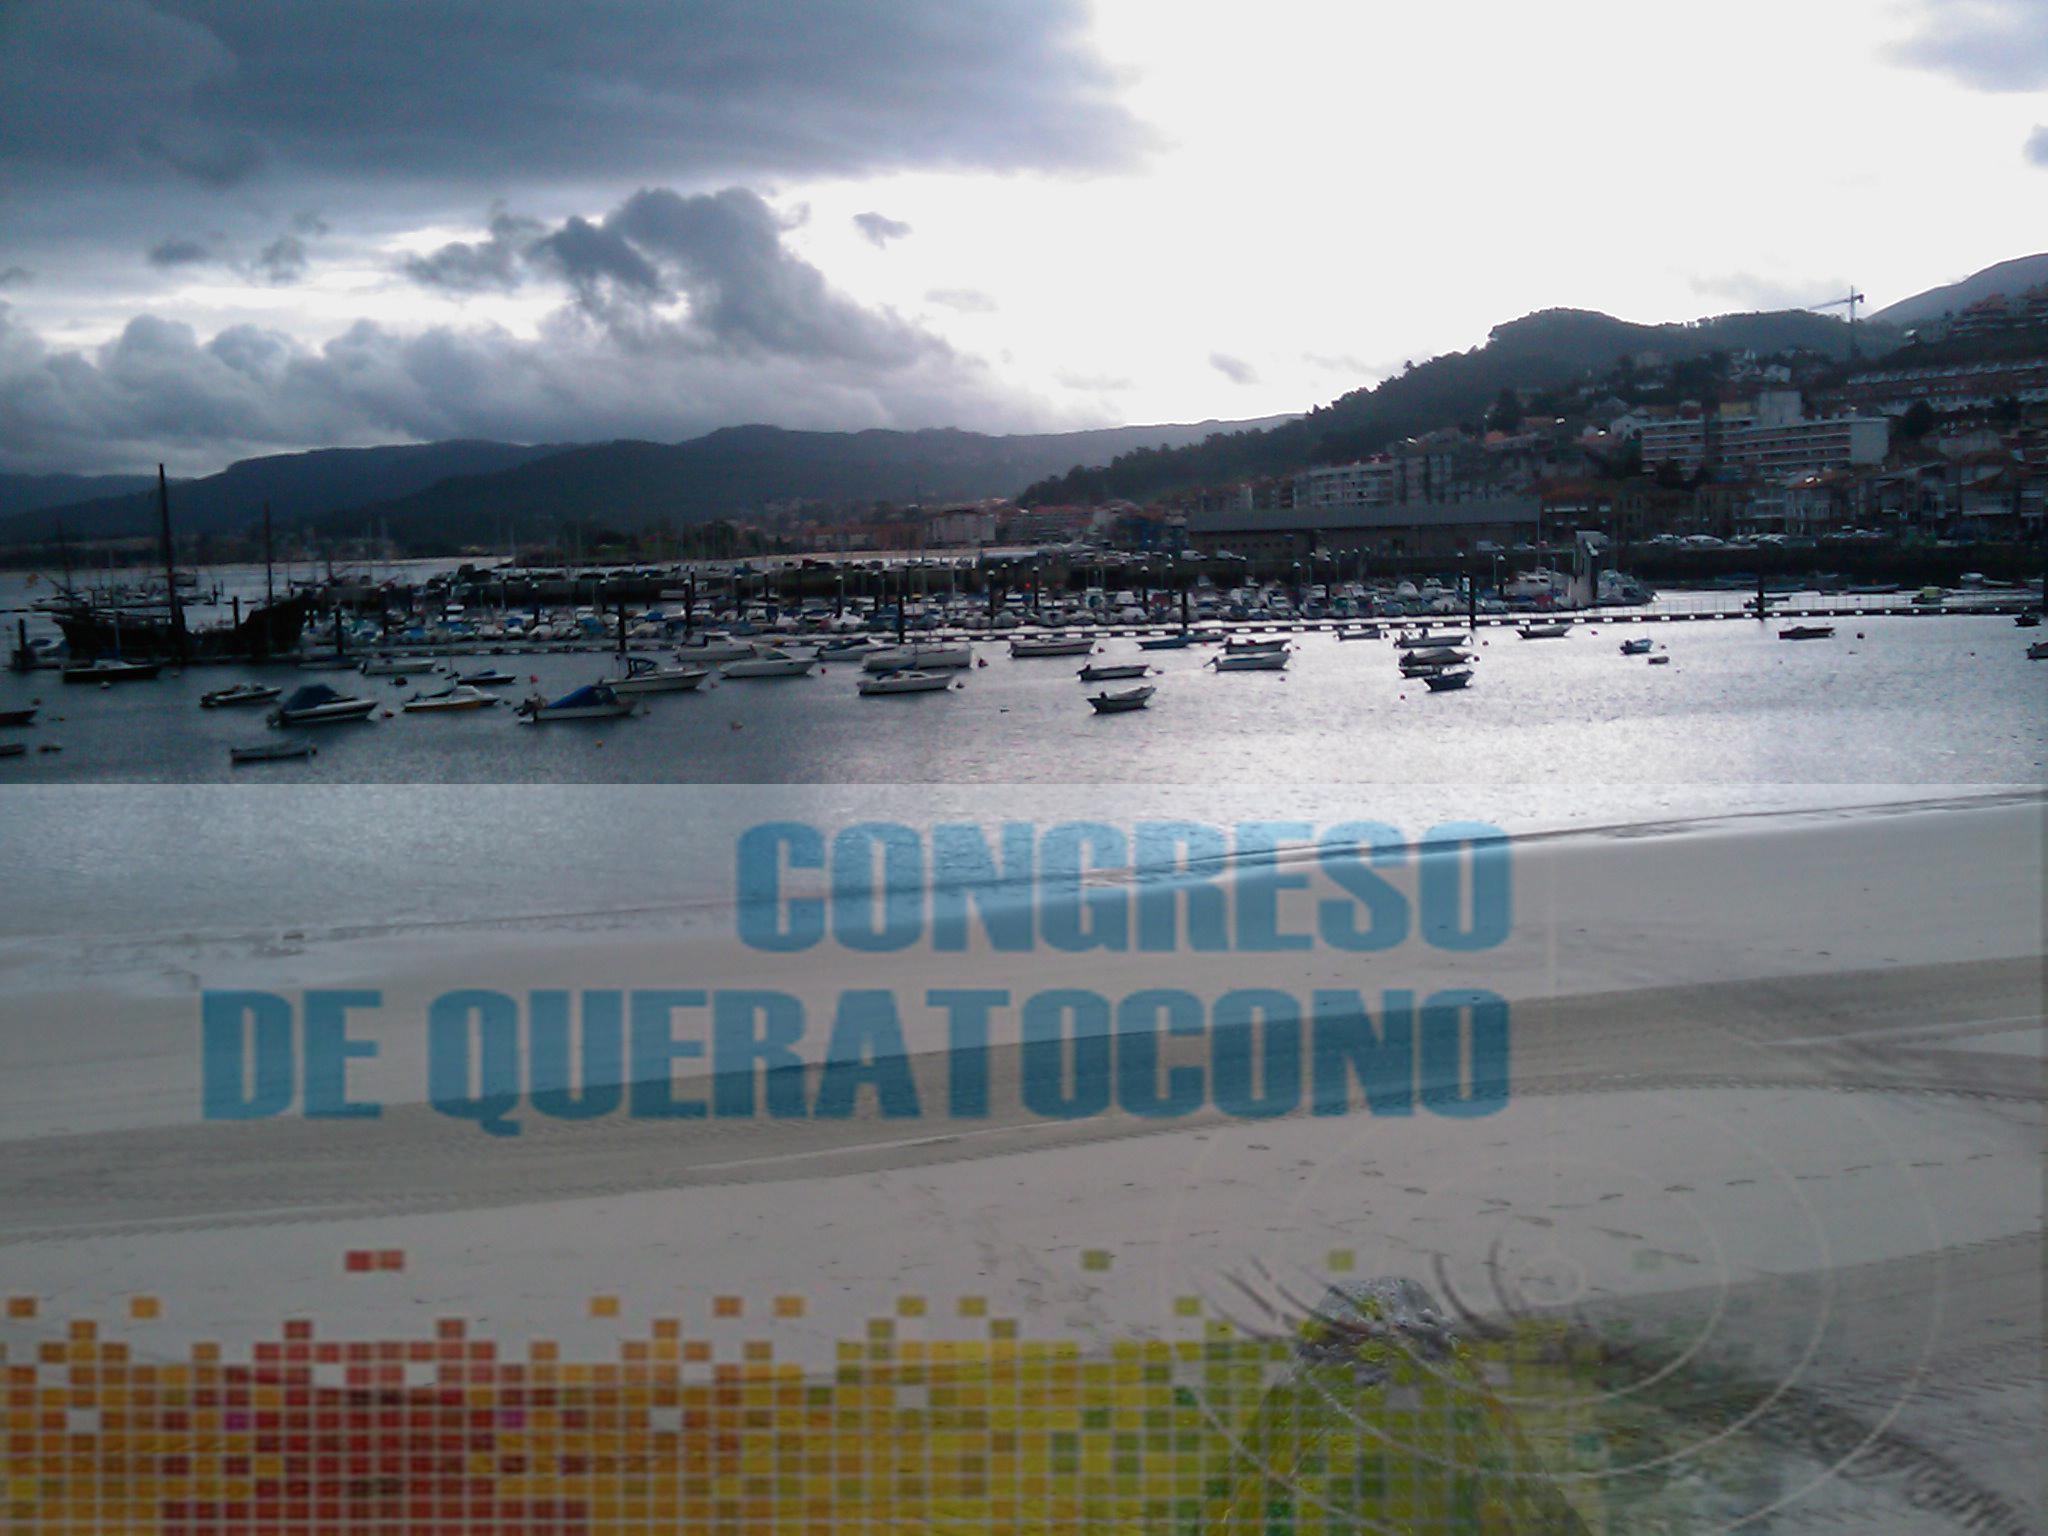 Congreso de Queratocono, Baiona 2010